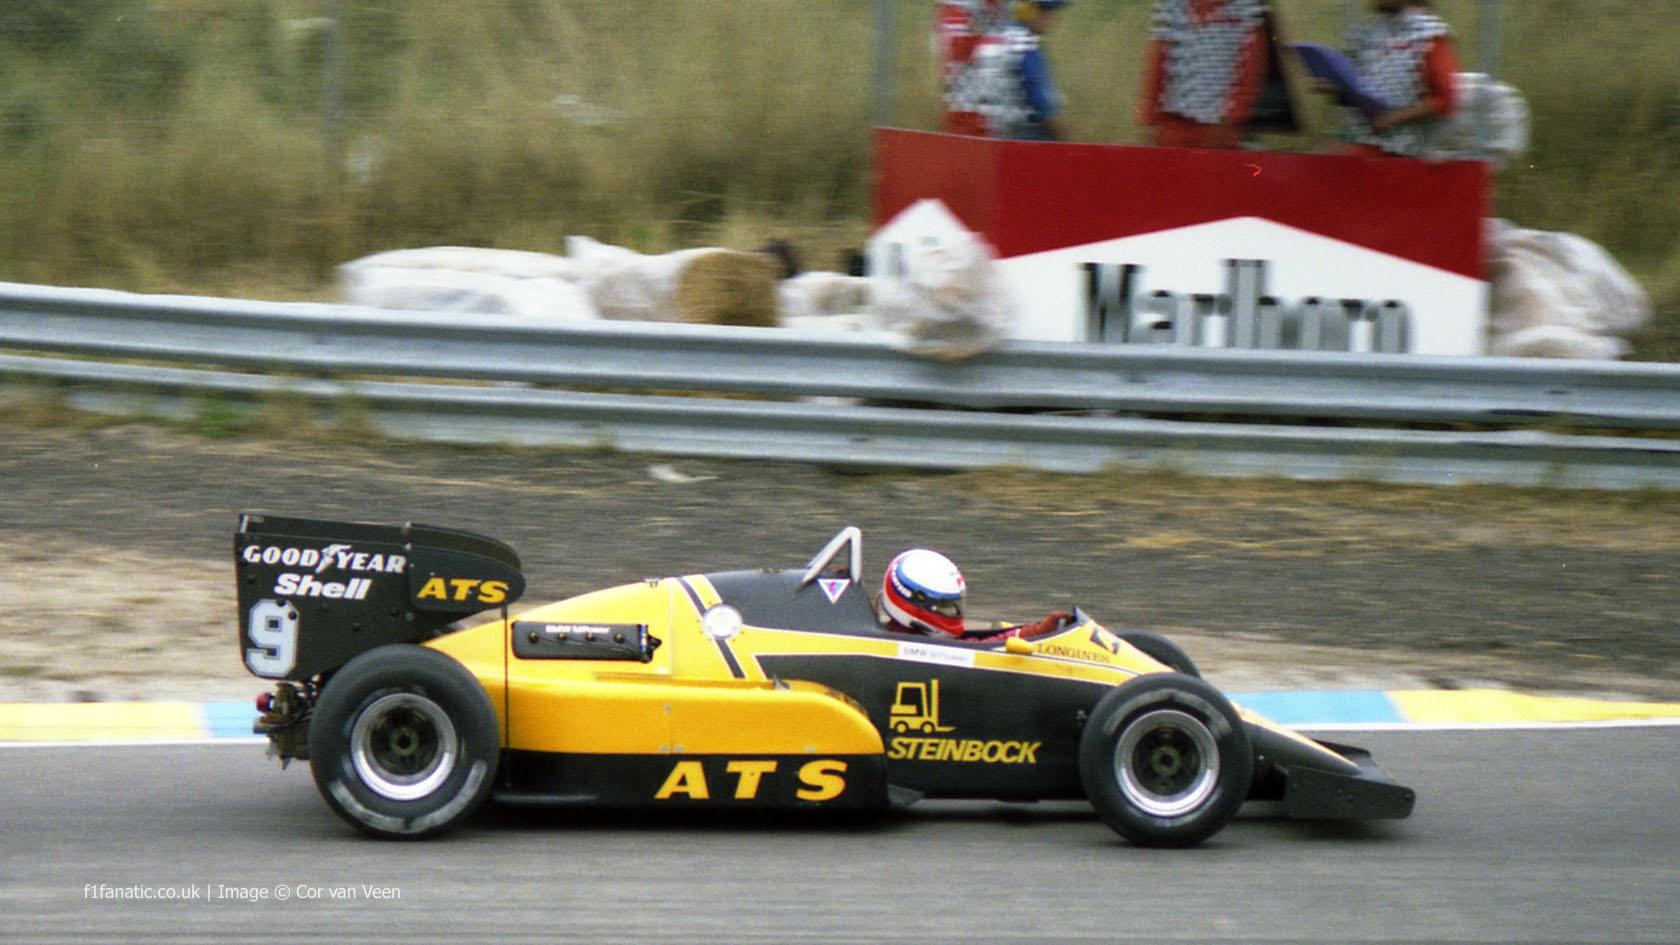 Manfred Winkelhock Ats Zandvoort 1983 183 F1 Fanatic